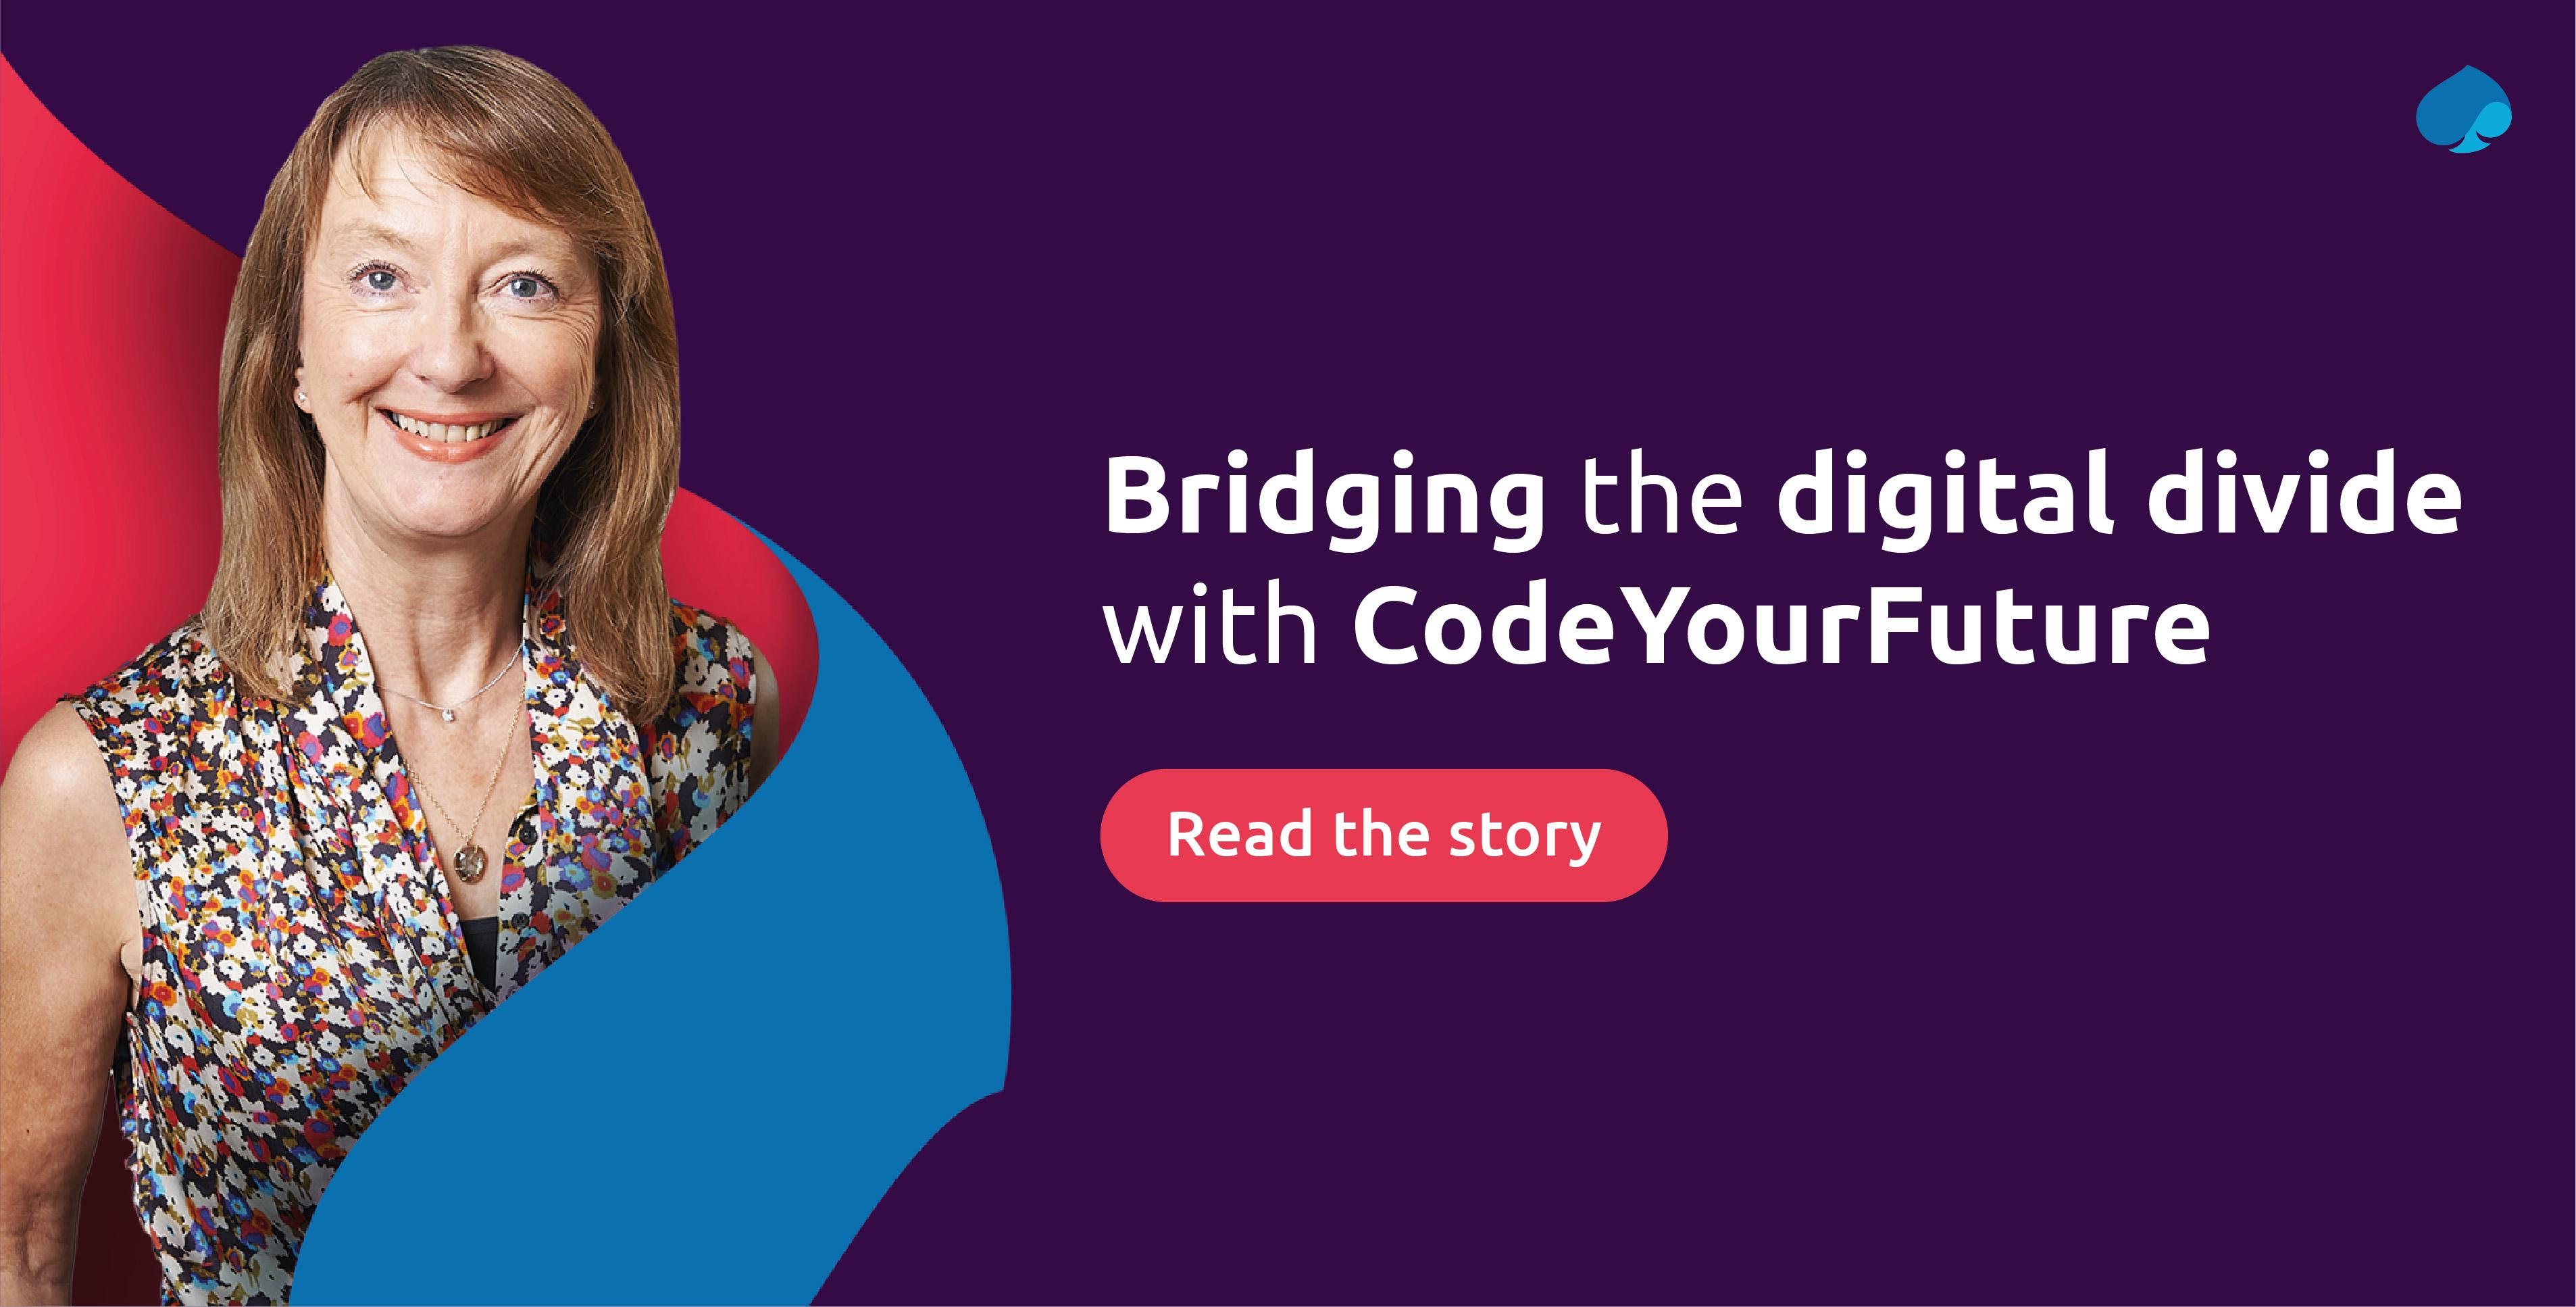 Capgemini - Code your Future